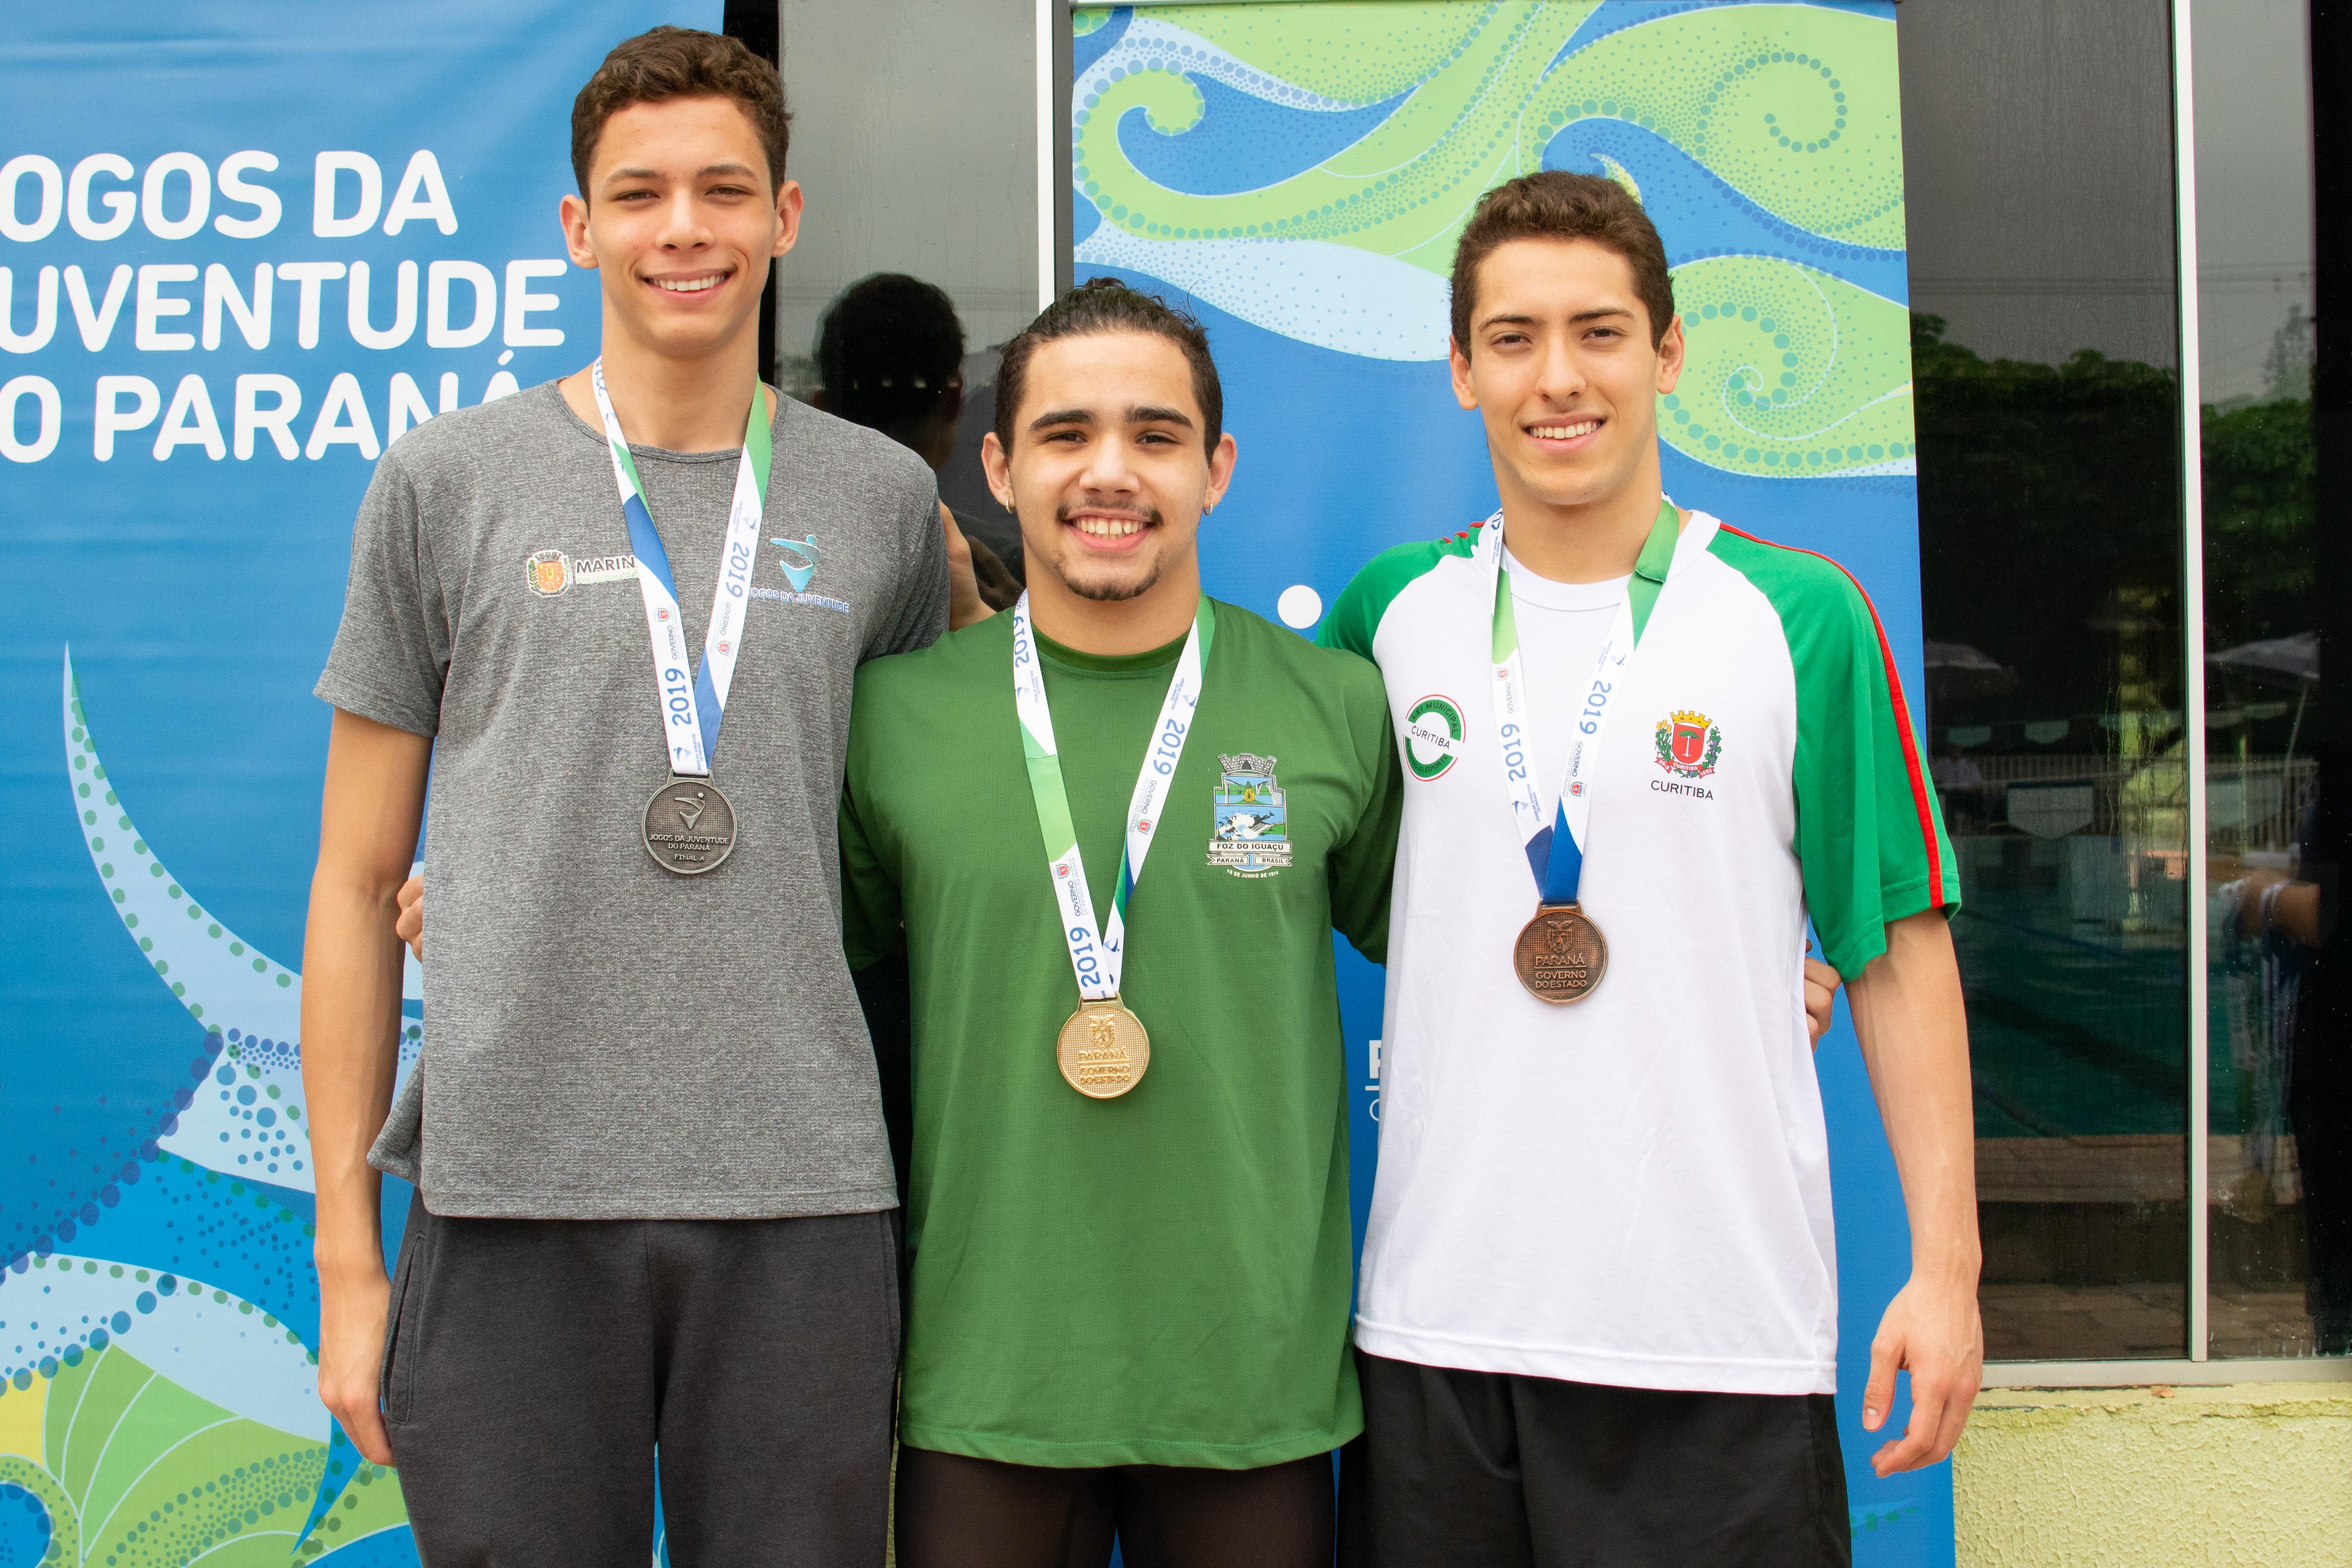 O atleta da natação de Maringá, Pedro Boeing conquistou a segunda colocação nas provas de 50 e 100 metros costas. Foto: Amanda Largas/SEET